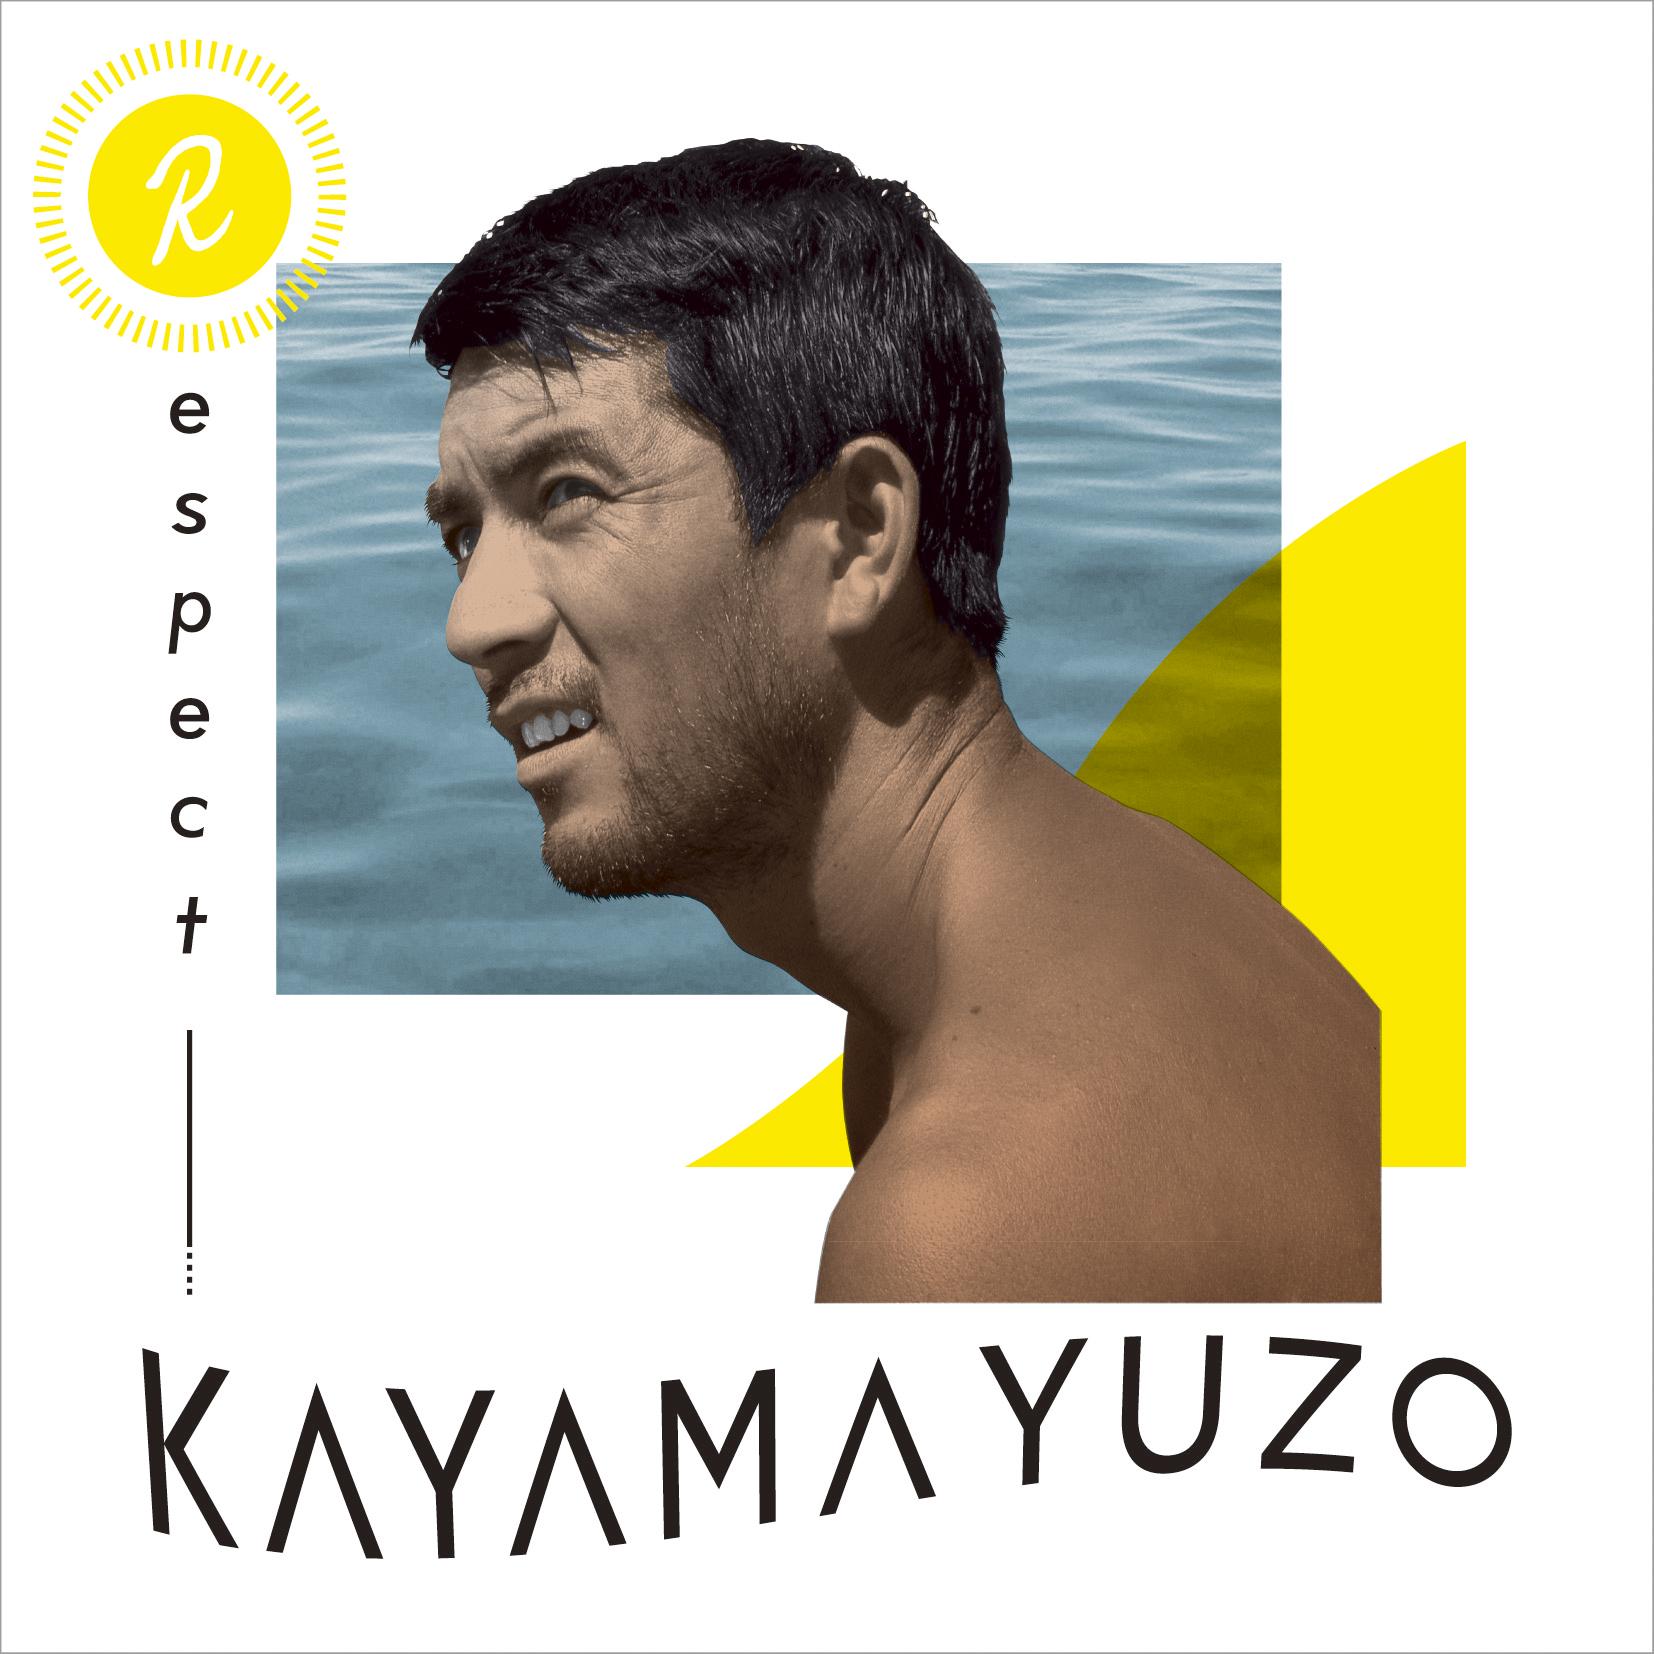 加山雄三 「Respect KAYAMA YUZO」